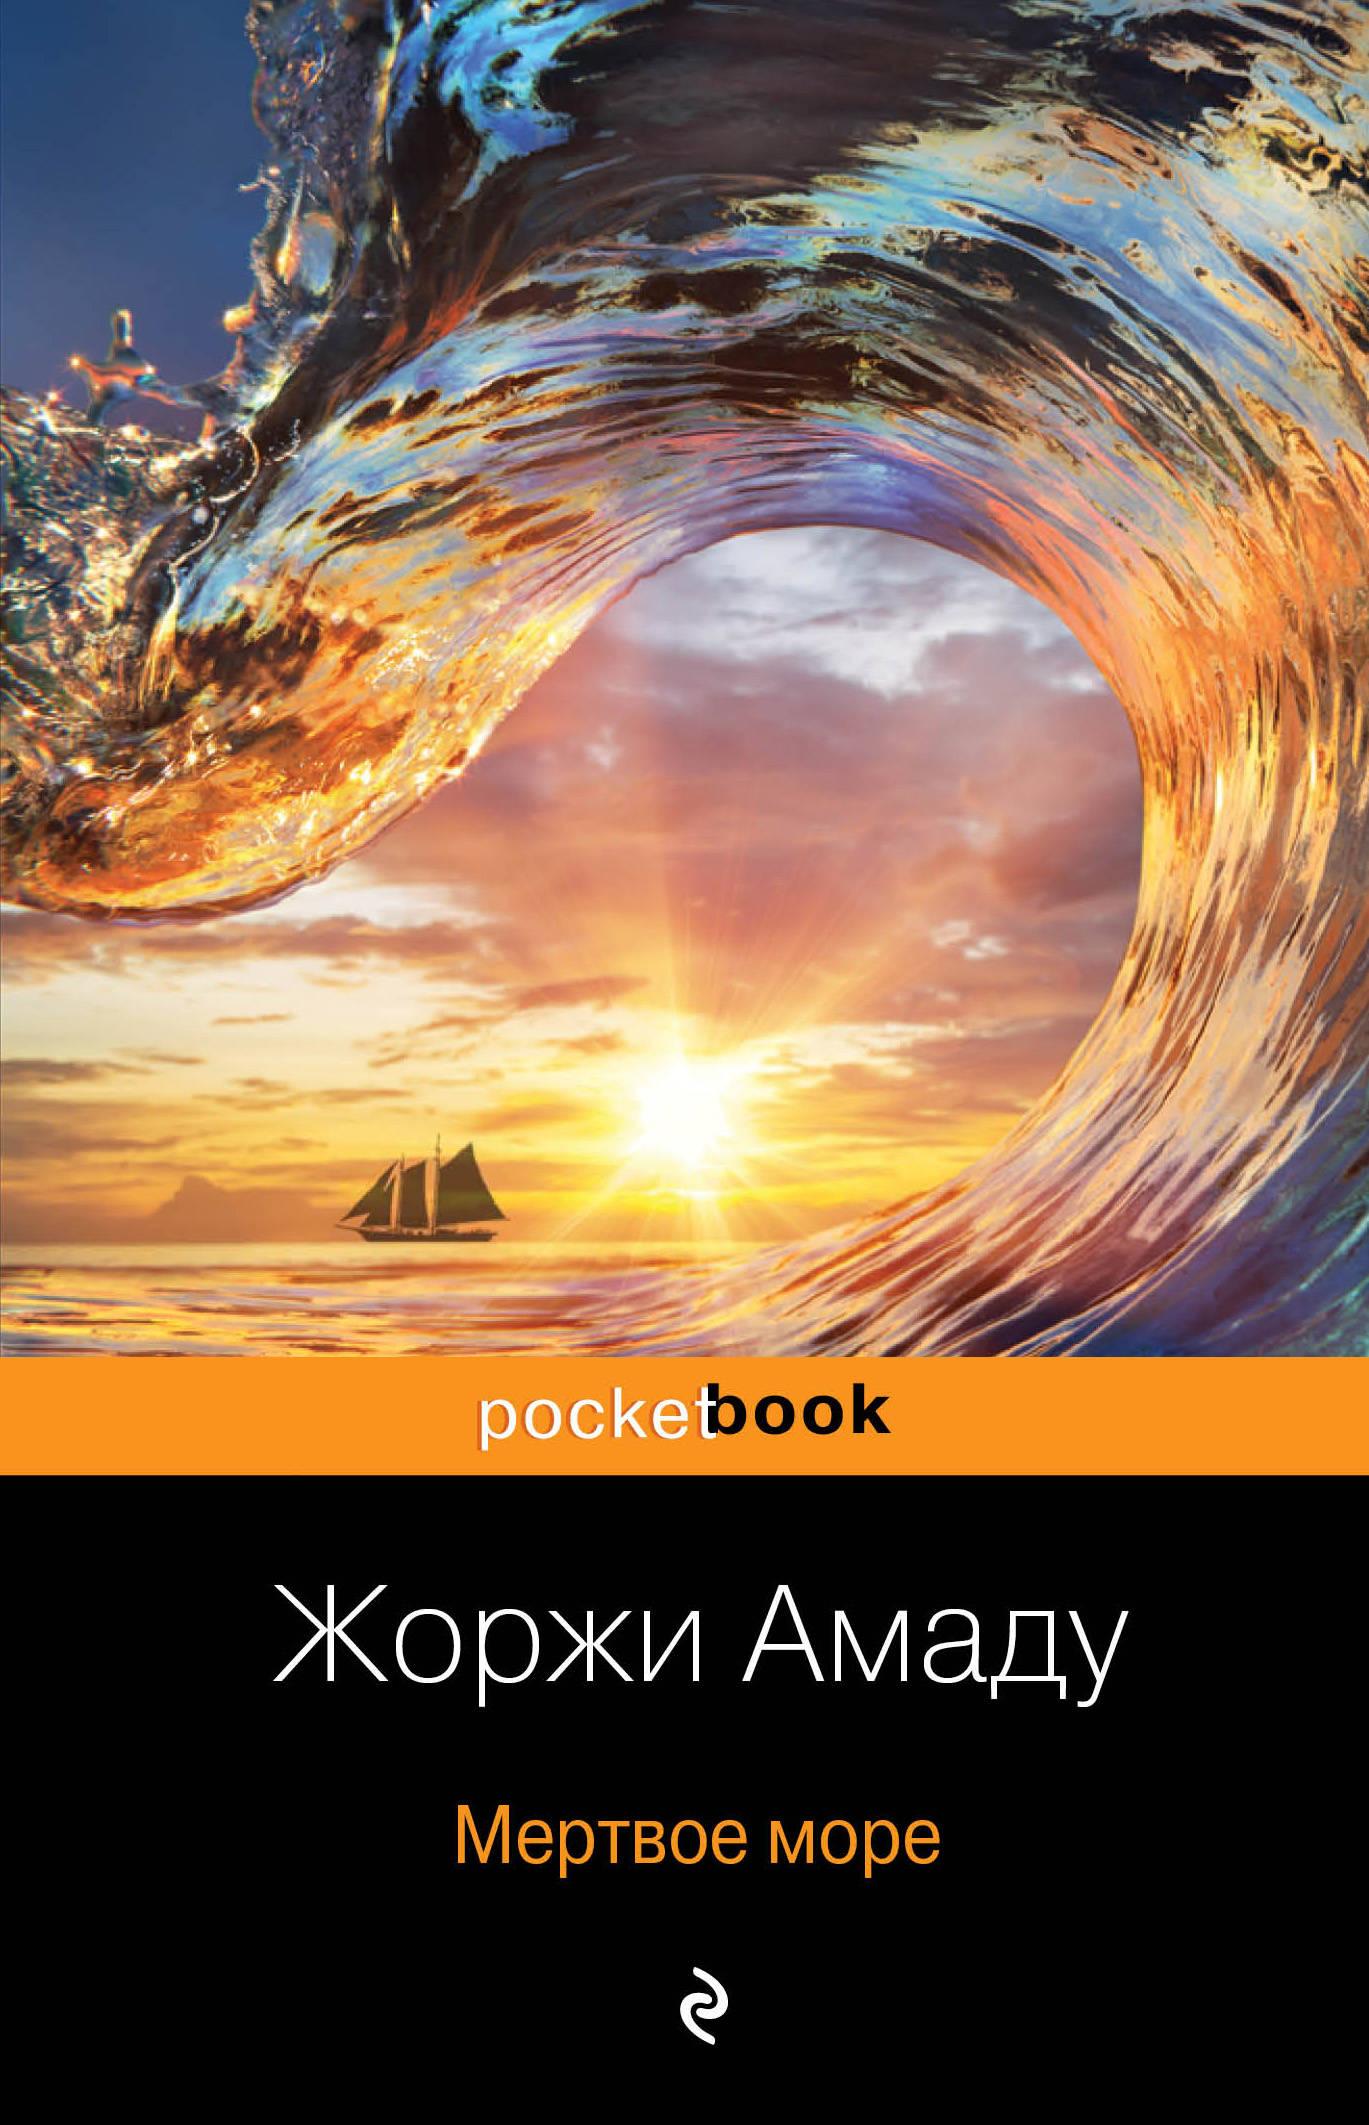 Жоржи Амаду Мертвое море